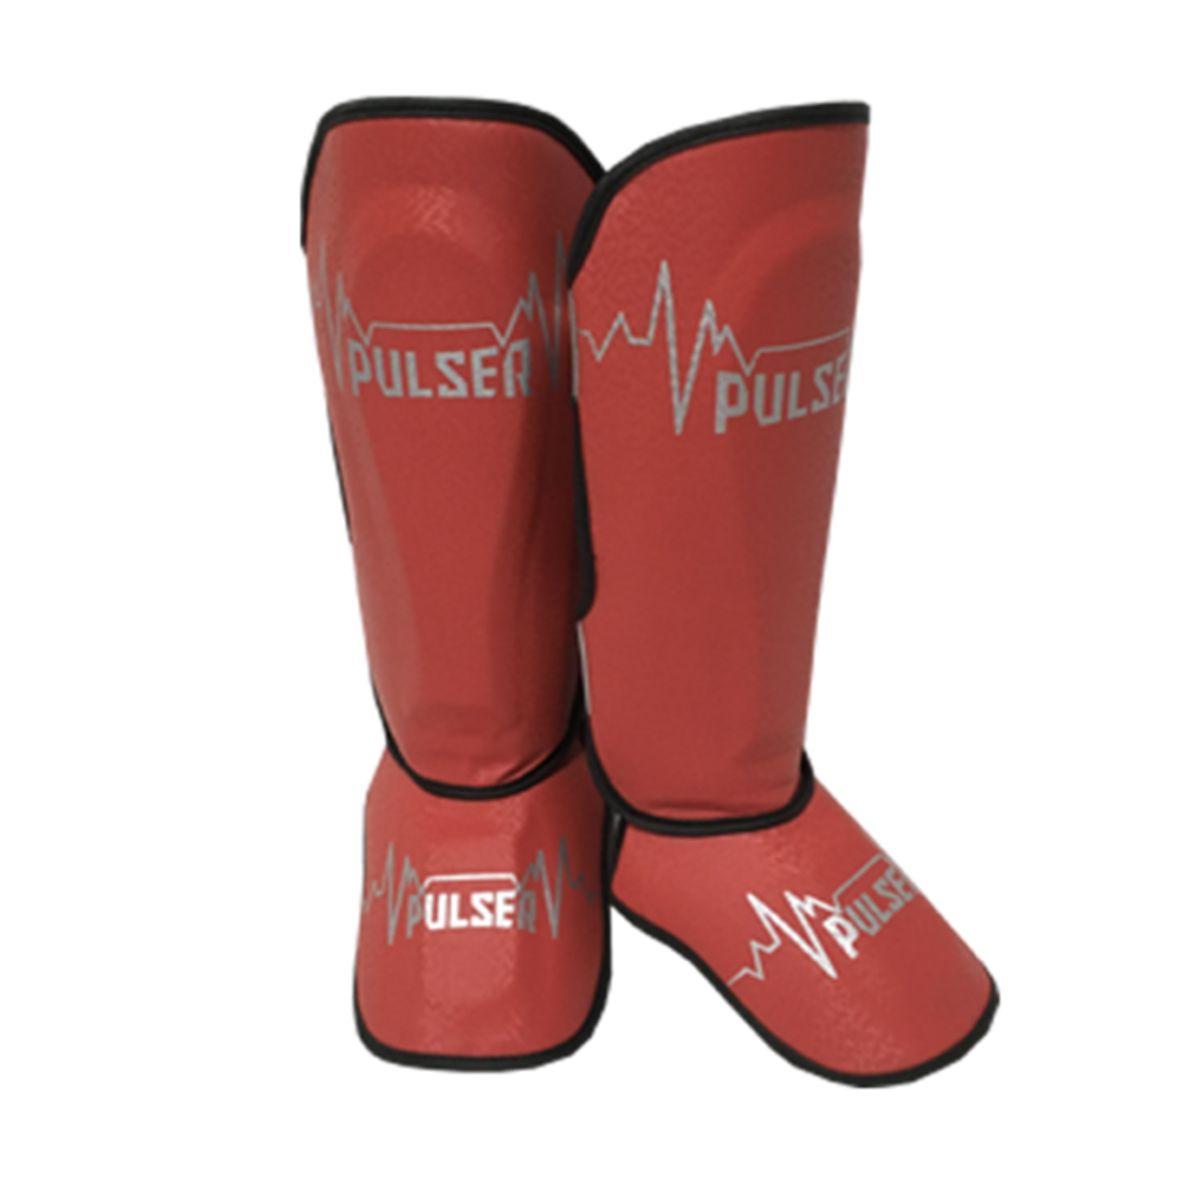 Caneleira Muay Thai MMA Pulsar Vermelho Média 30mm - Pulser  - PRALUTA SHOP